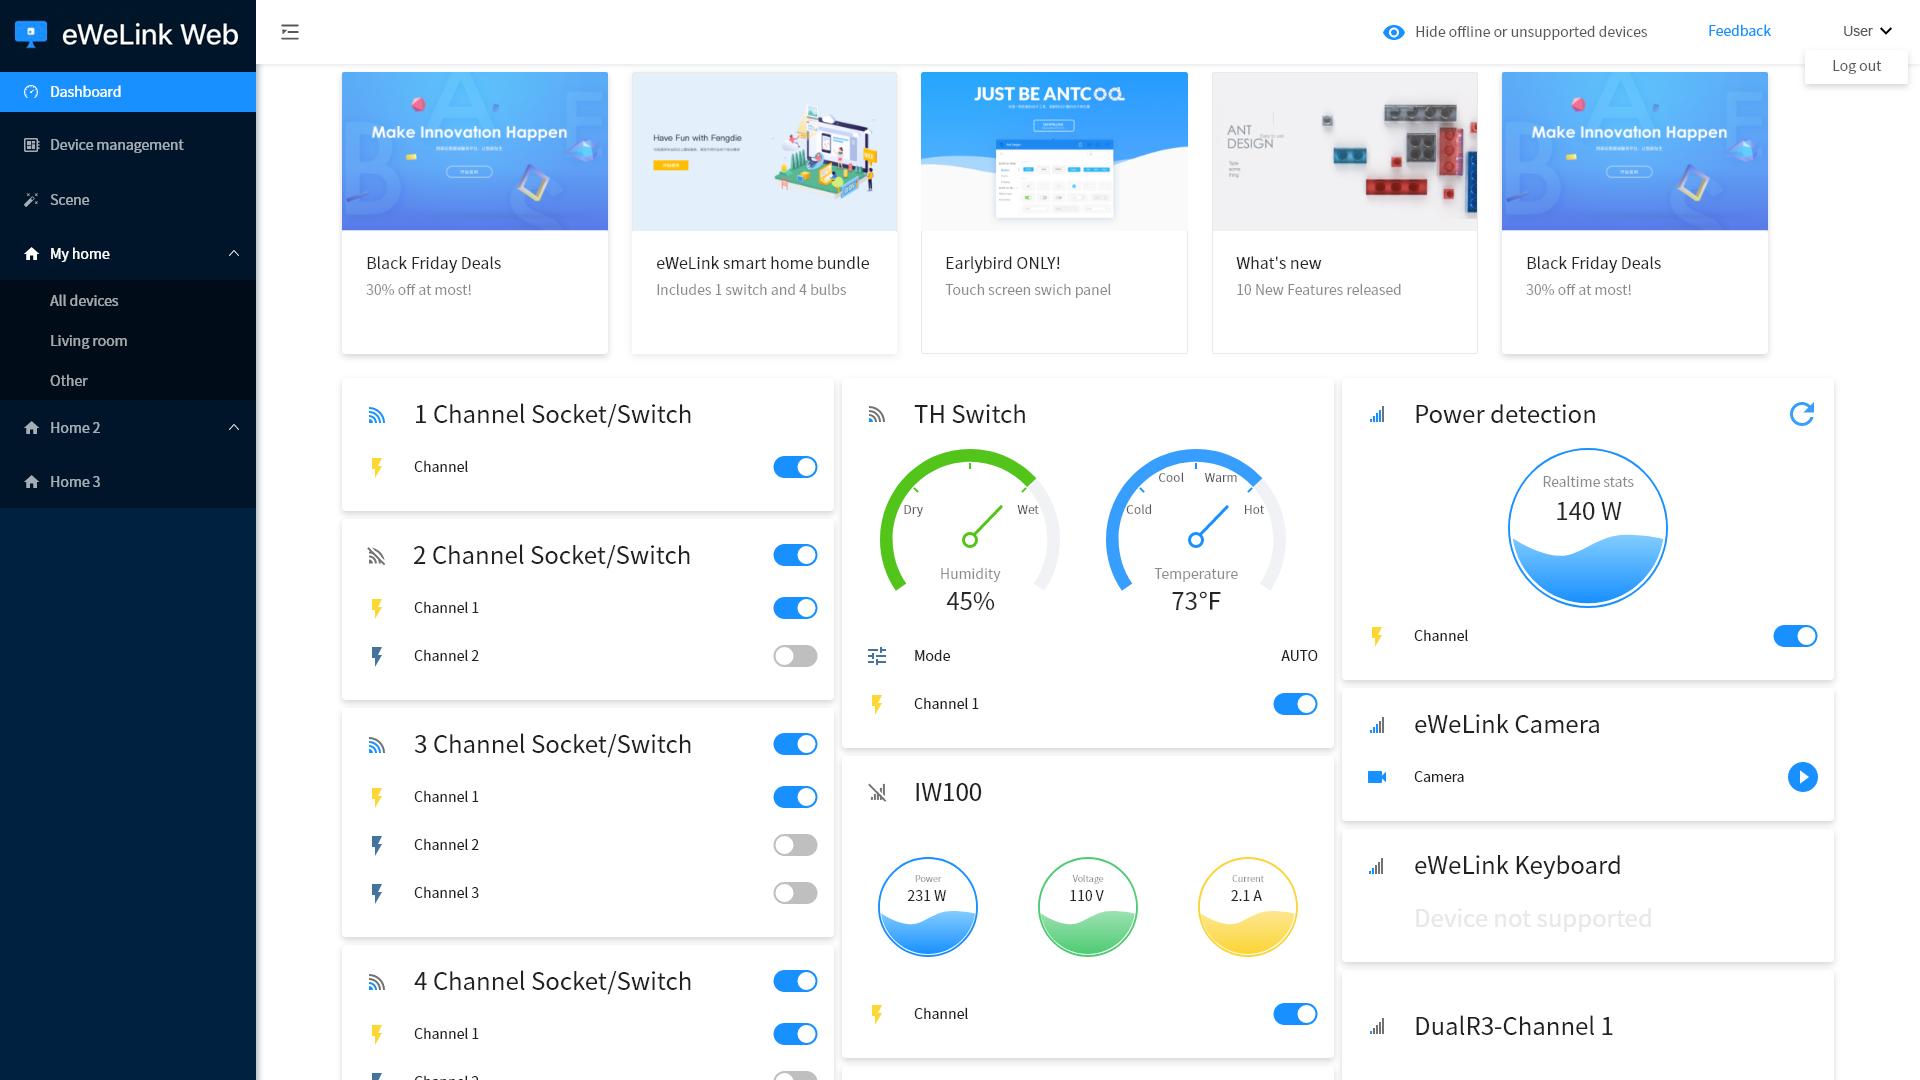 eWeLink Web - Dashboard